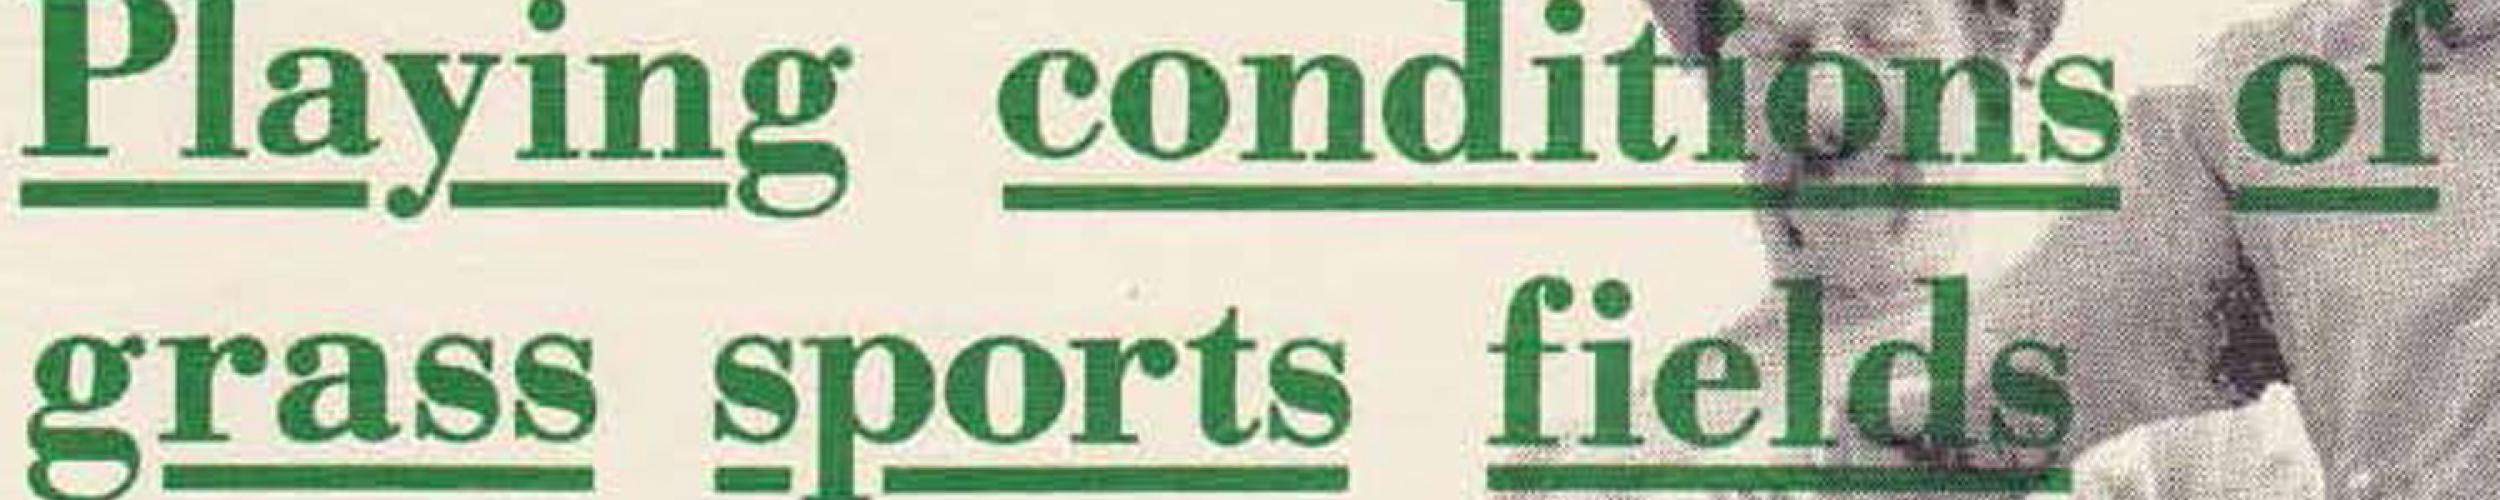 50 jaar normen voor de aanleg van grassportvelden